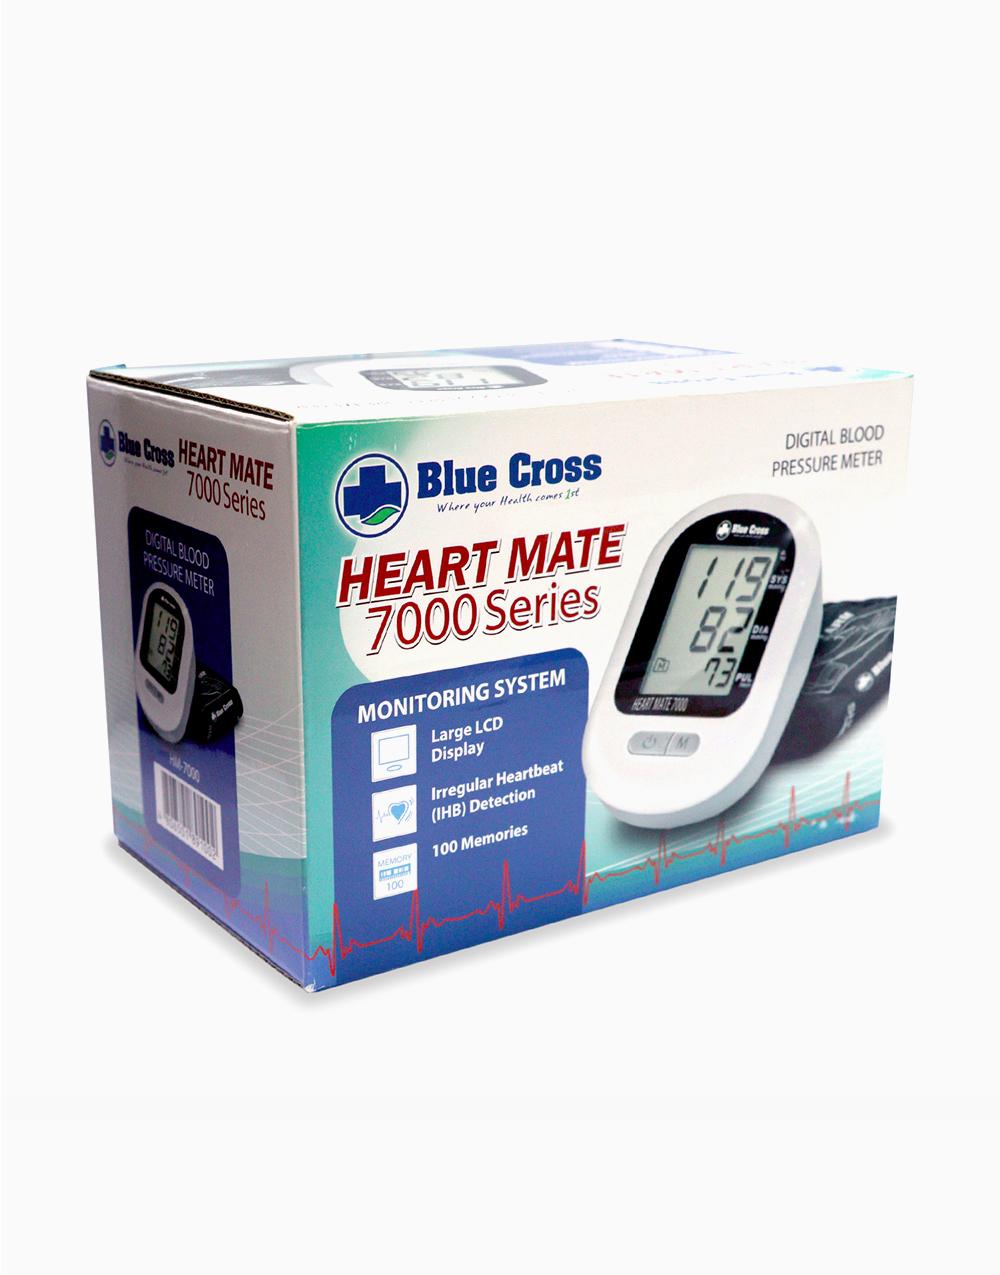 Heartmate 7000 Series - Digital Blood Pressure Meter by Blue Cross